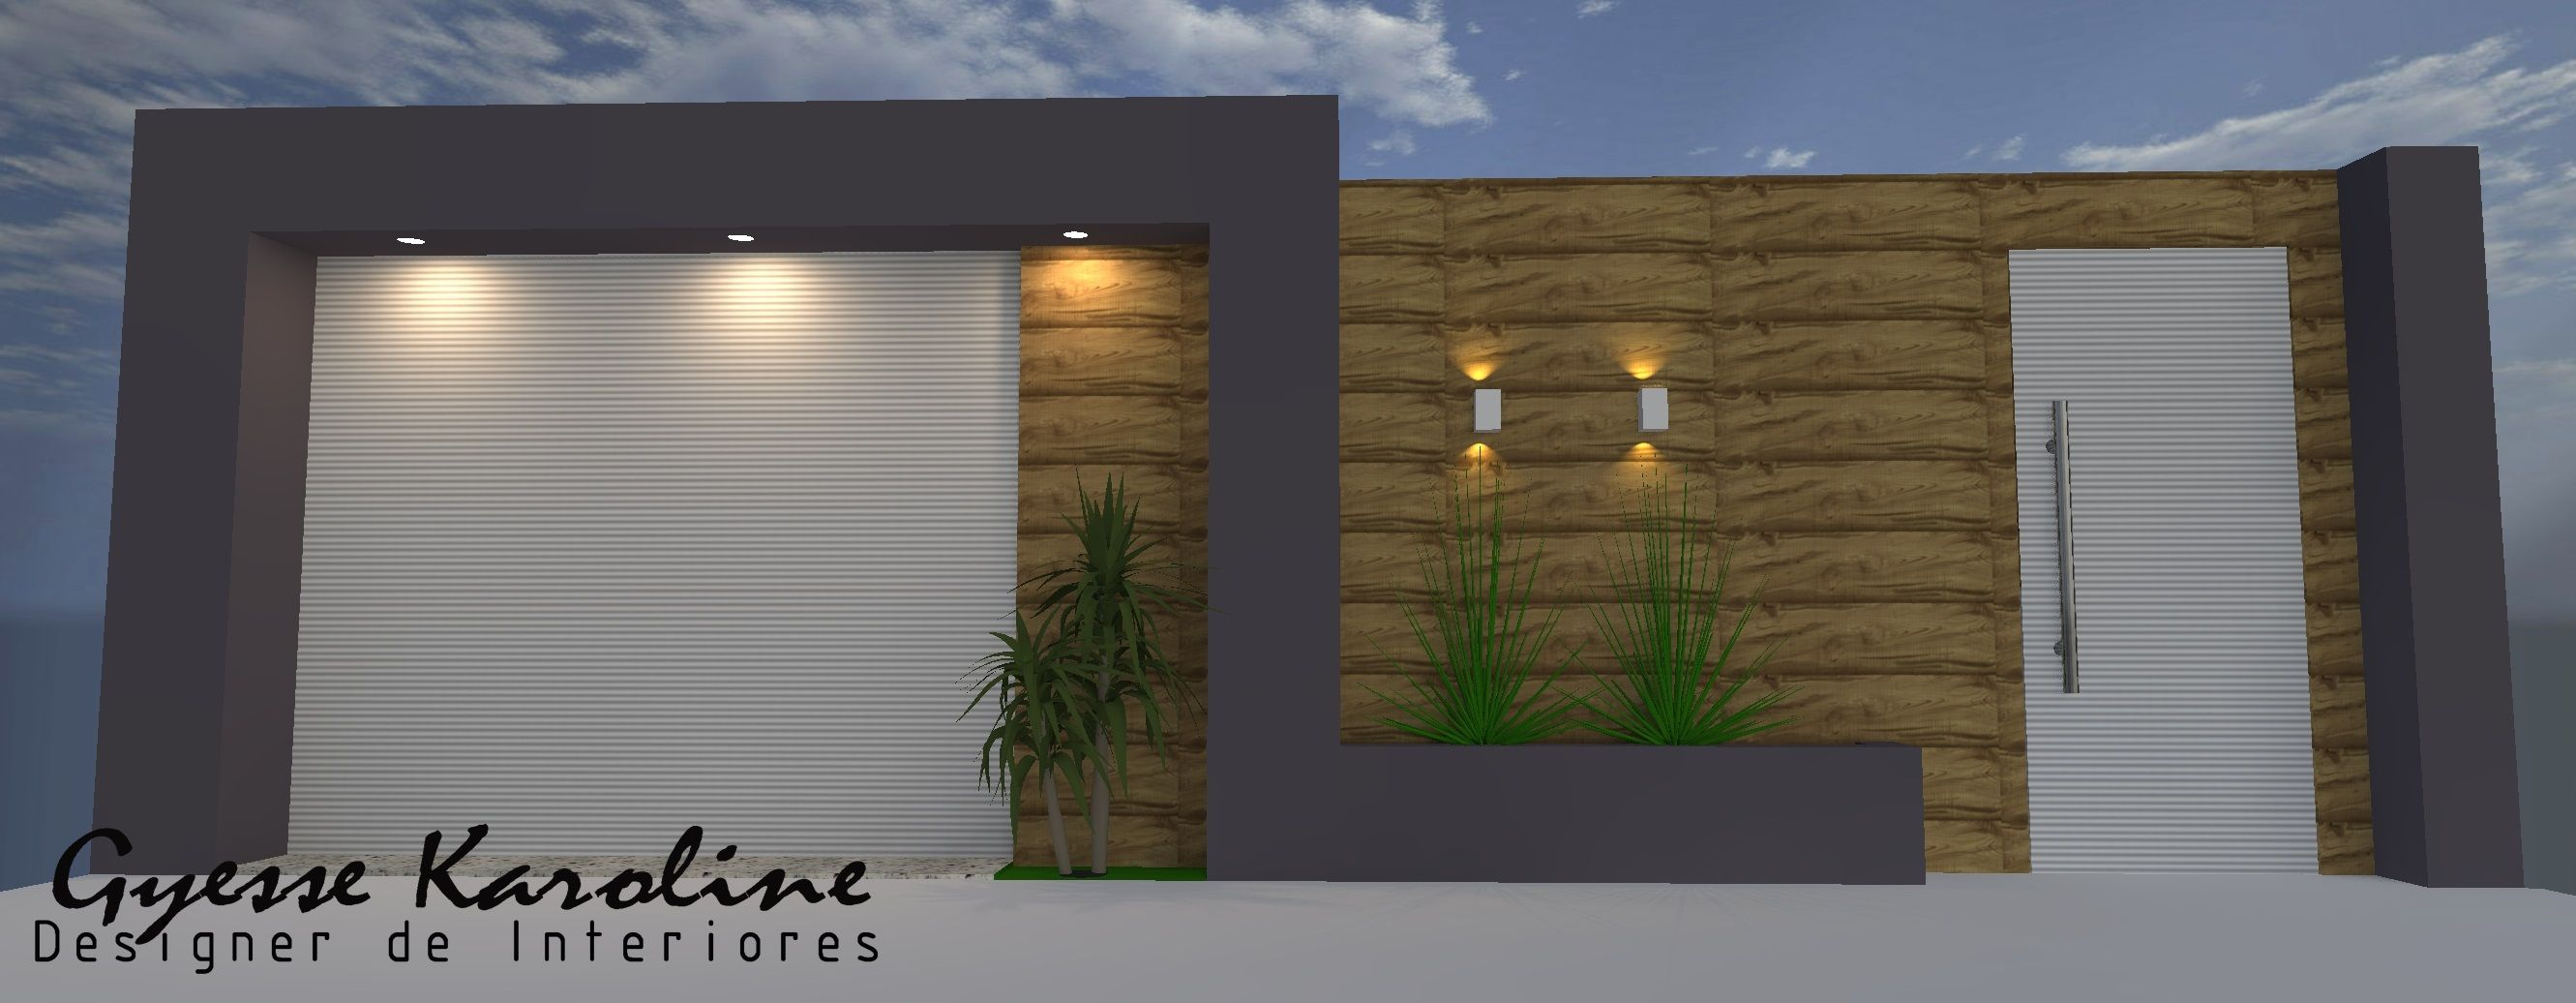 Modelos de fachadas e muros de casas pesquisa google for Modelo de fachada de casa